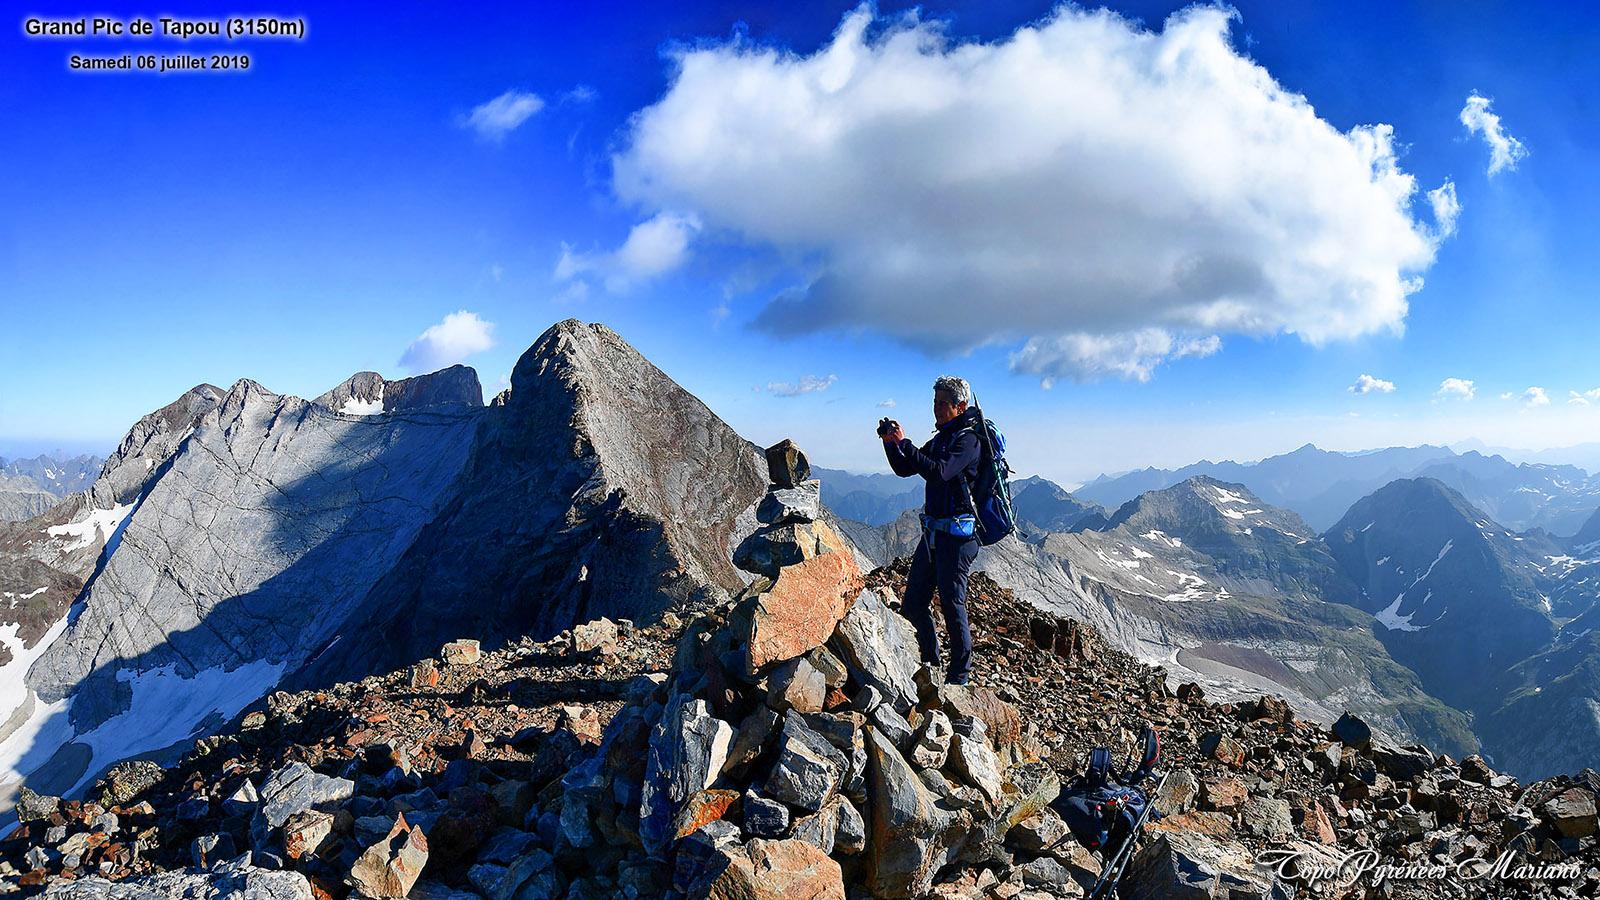 Randonnée Pic du Milieu (3130m) et le Grand Pic de Tapou (3150m)